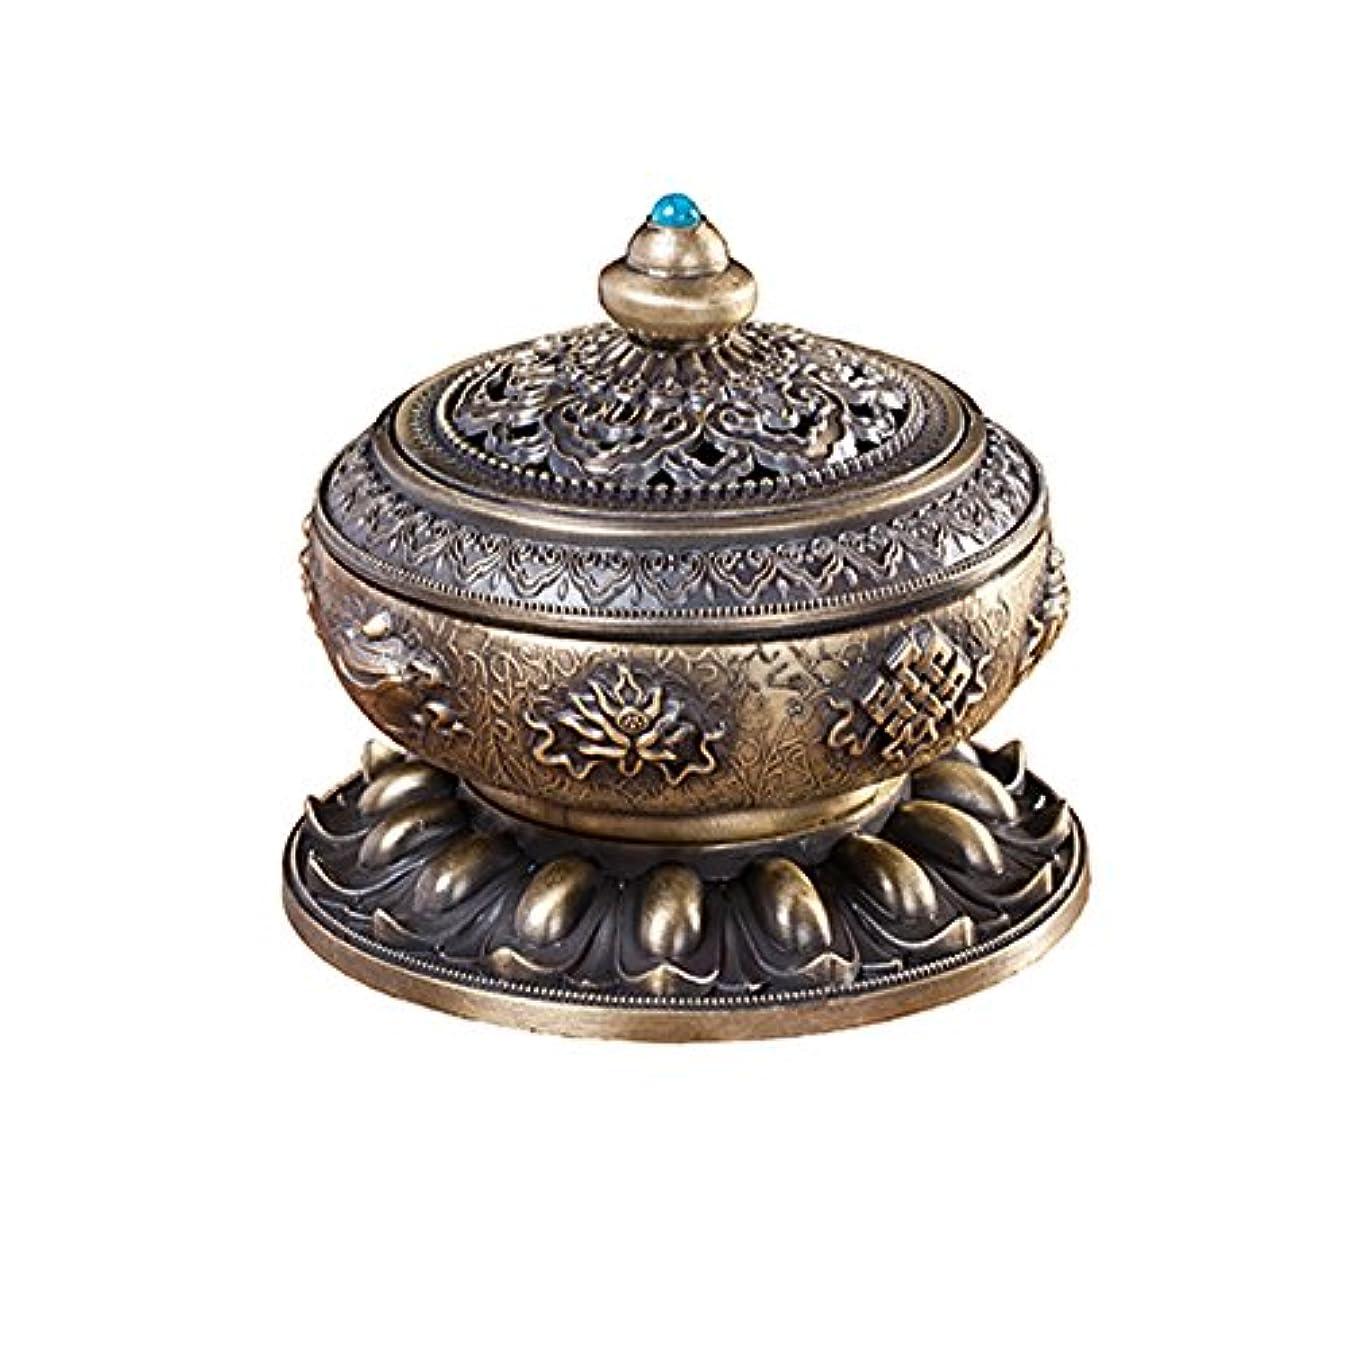 圧倒する唯一文庫本BUYSEEY 家用 アロマ香炉 青銅 ブロンズ 丸香炉 お香立て 渦巻き線香 などに 香立て付き (S)